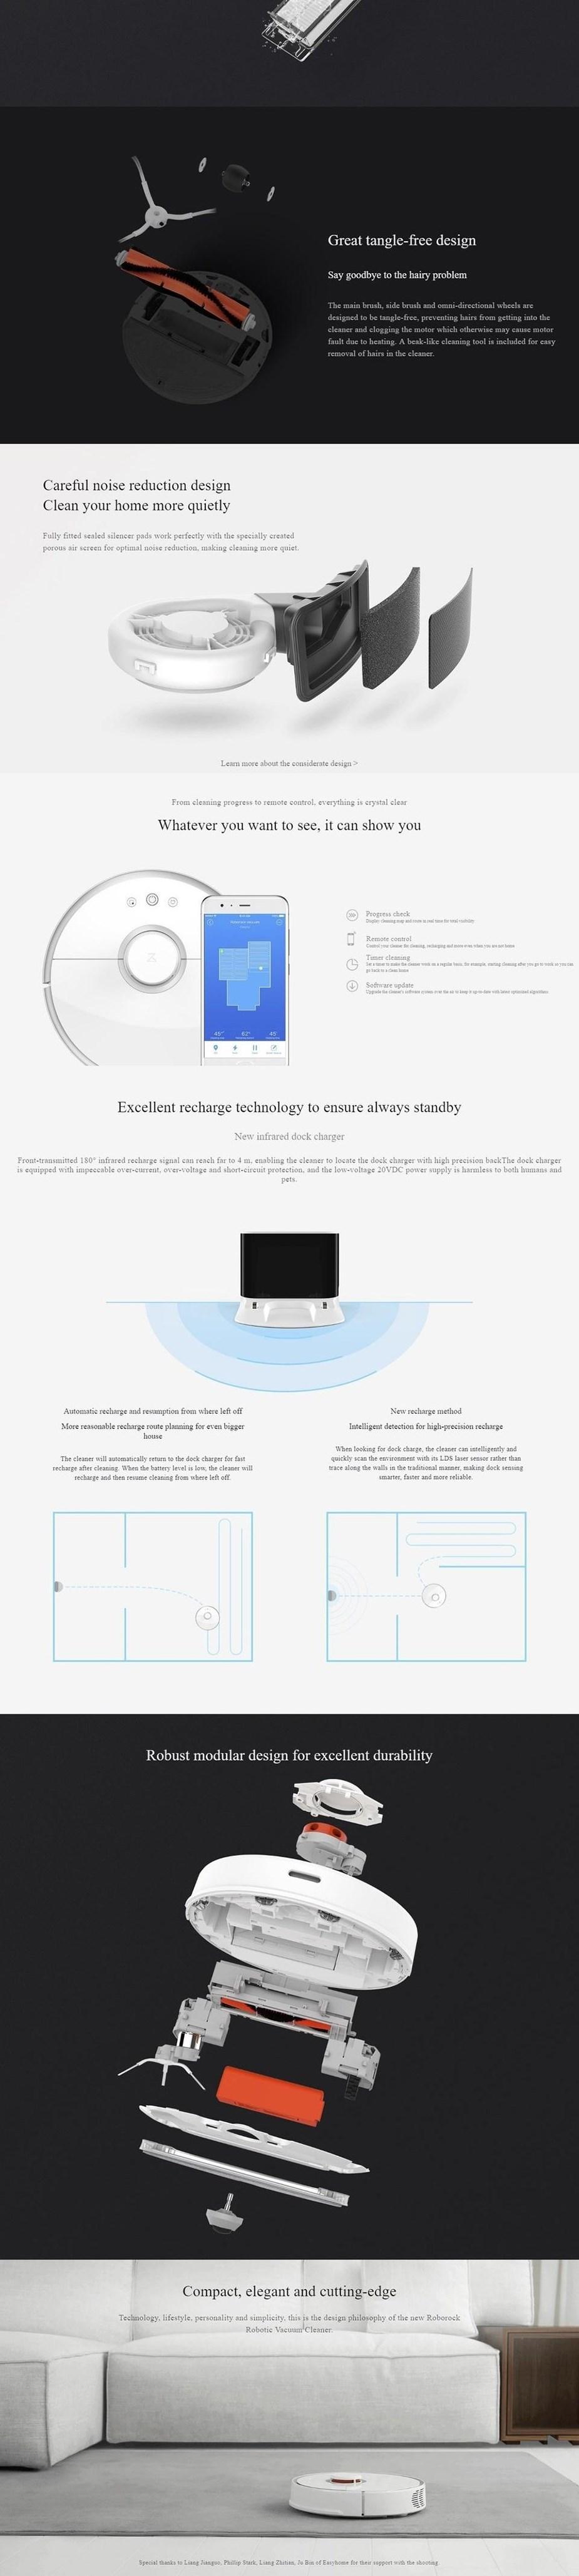 Xiaomi Robot Vacuum 2nd Gen